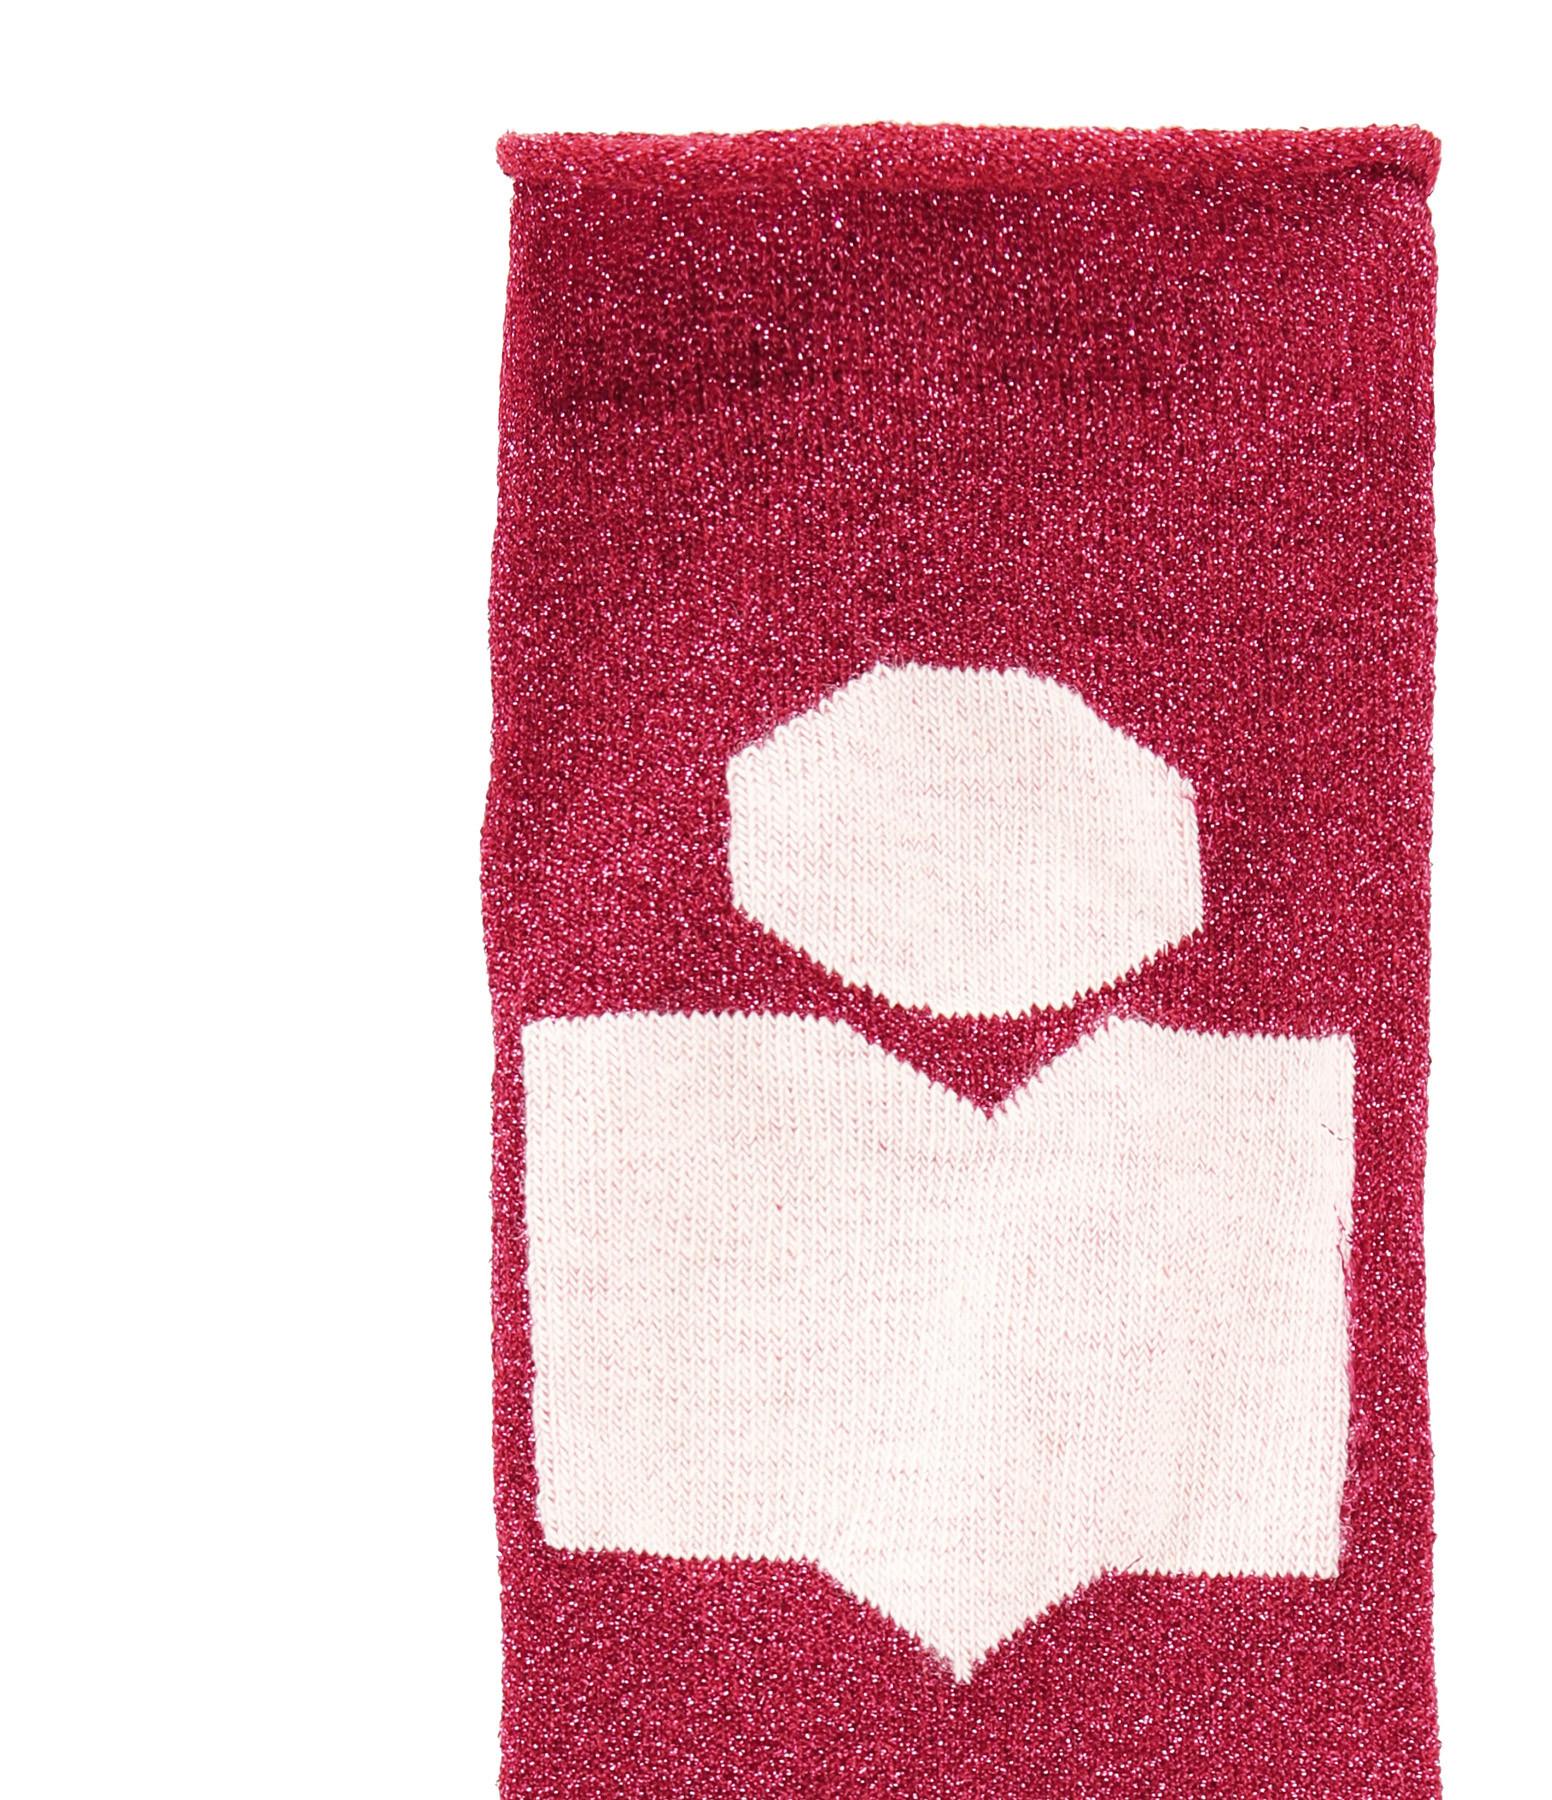 ISABEL MARANT - Chaussettes Slaze Rouge